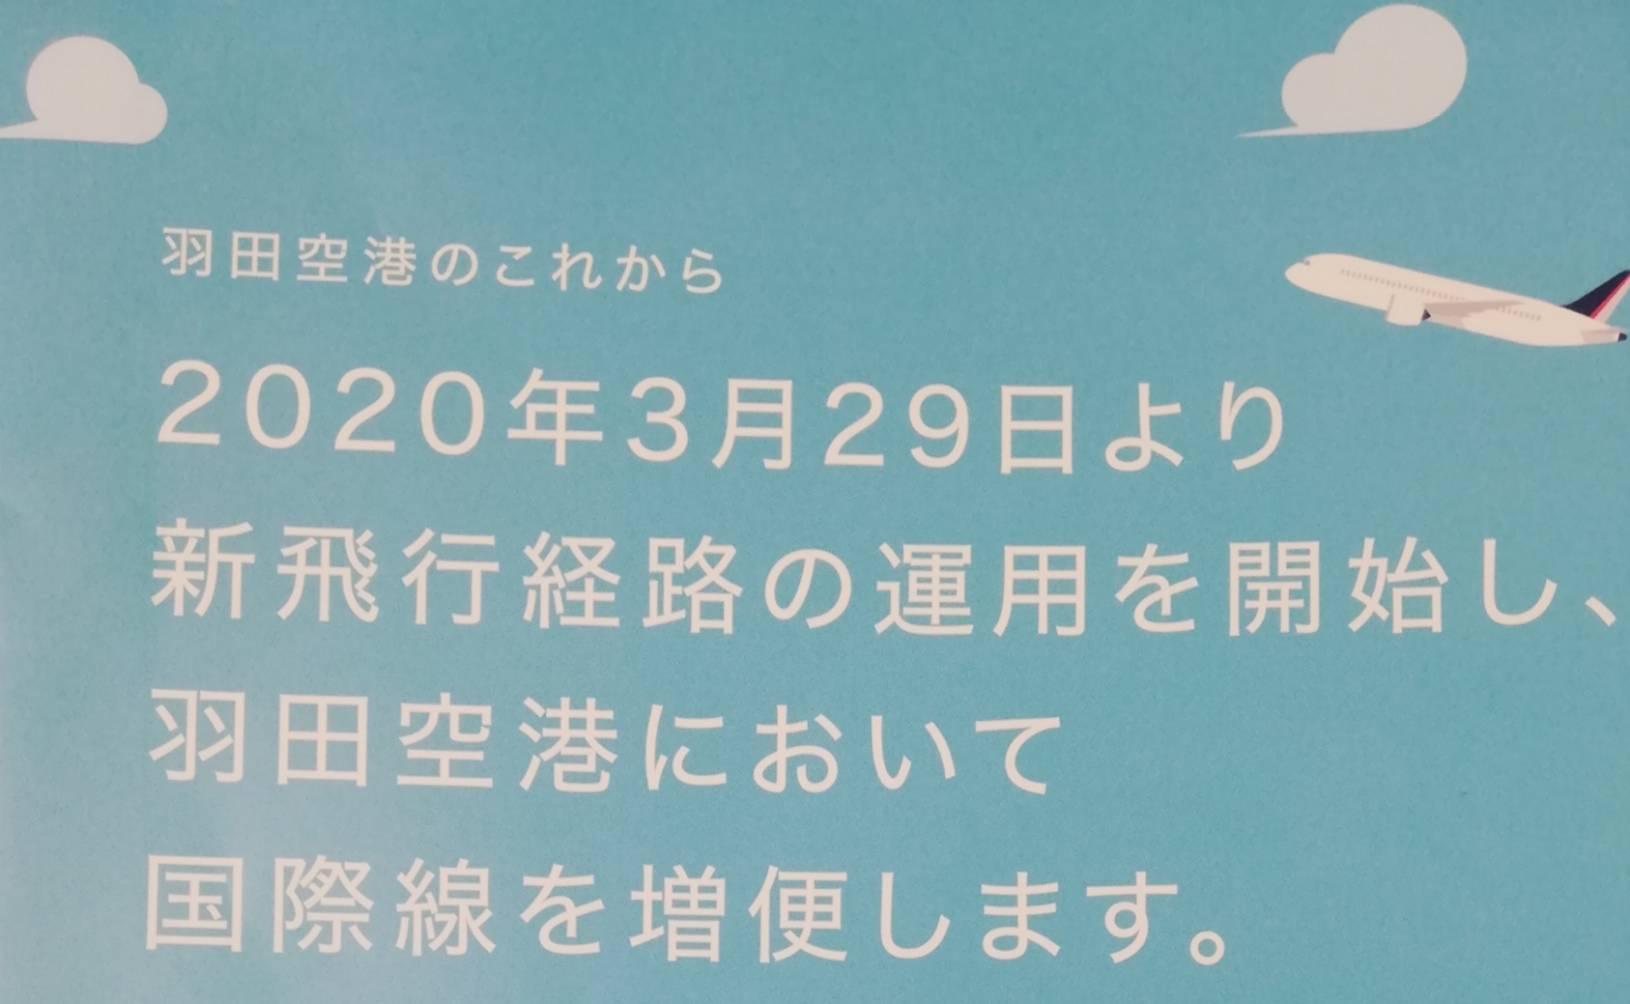 羽田空港新飛行経路国際線増便